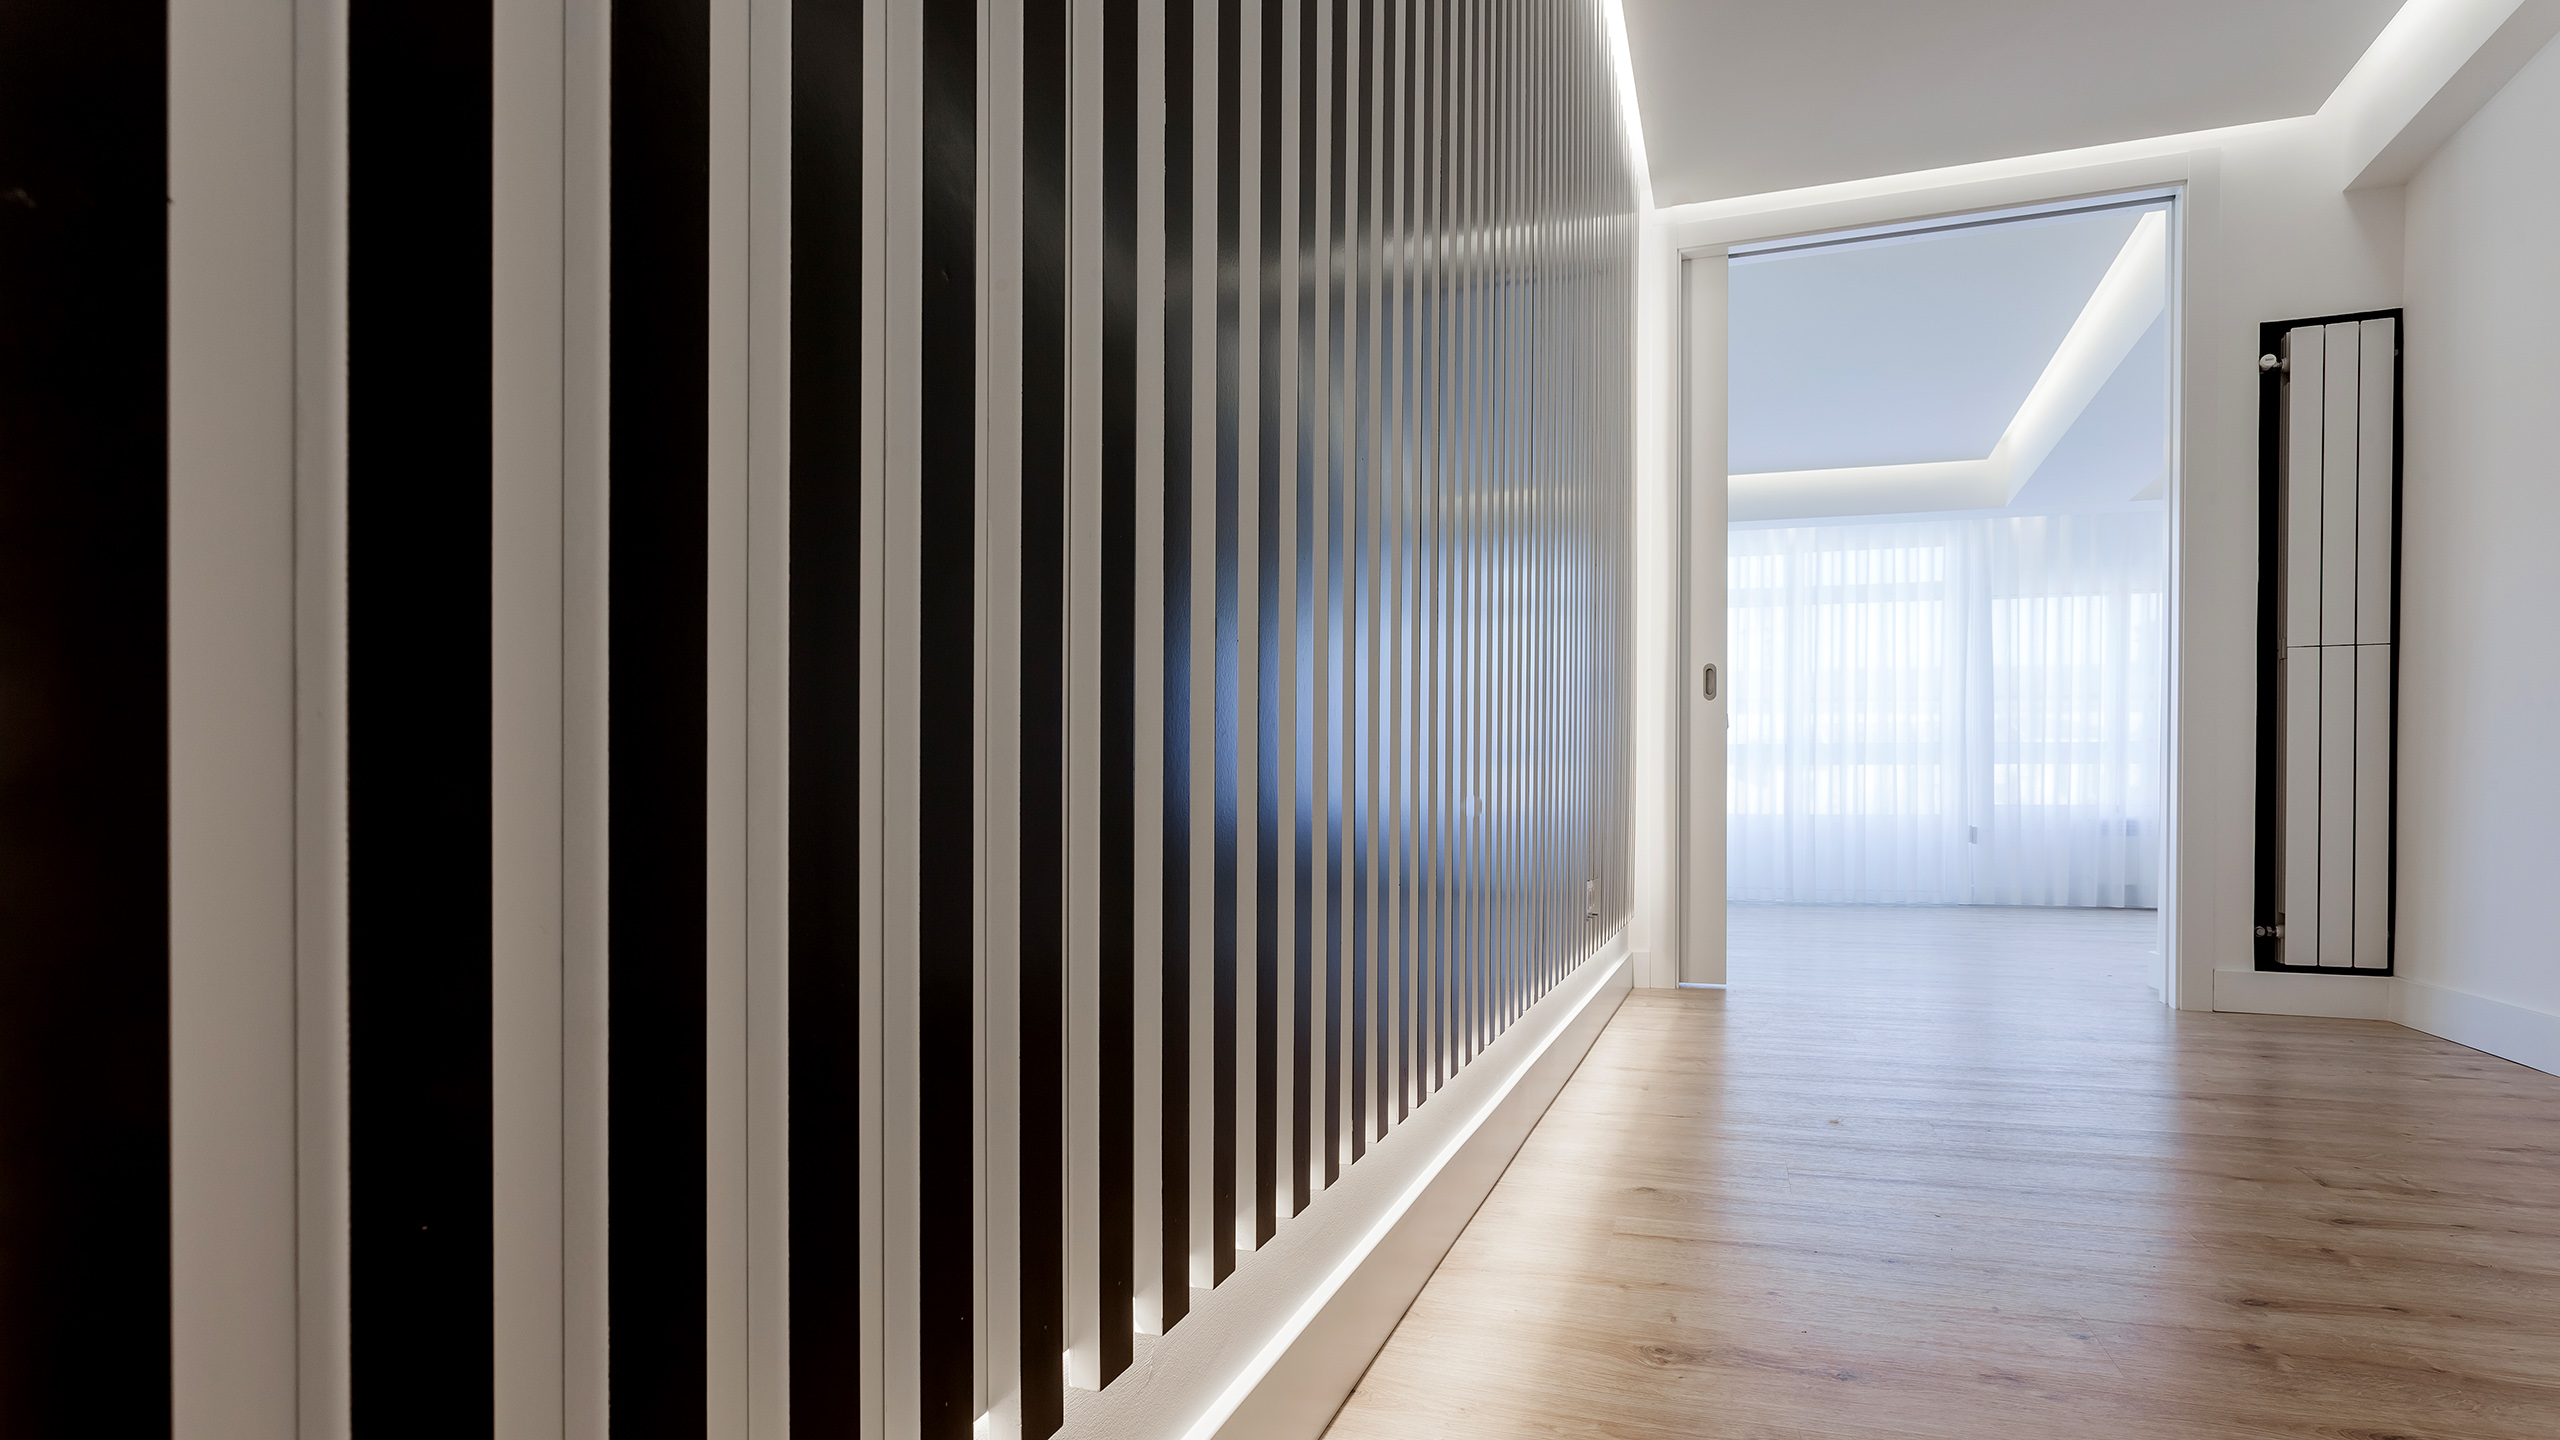 interiores 43 lara villaverde